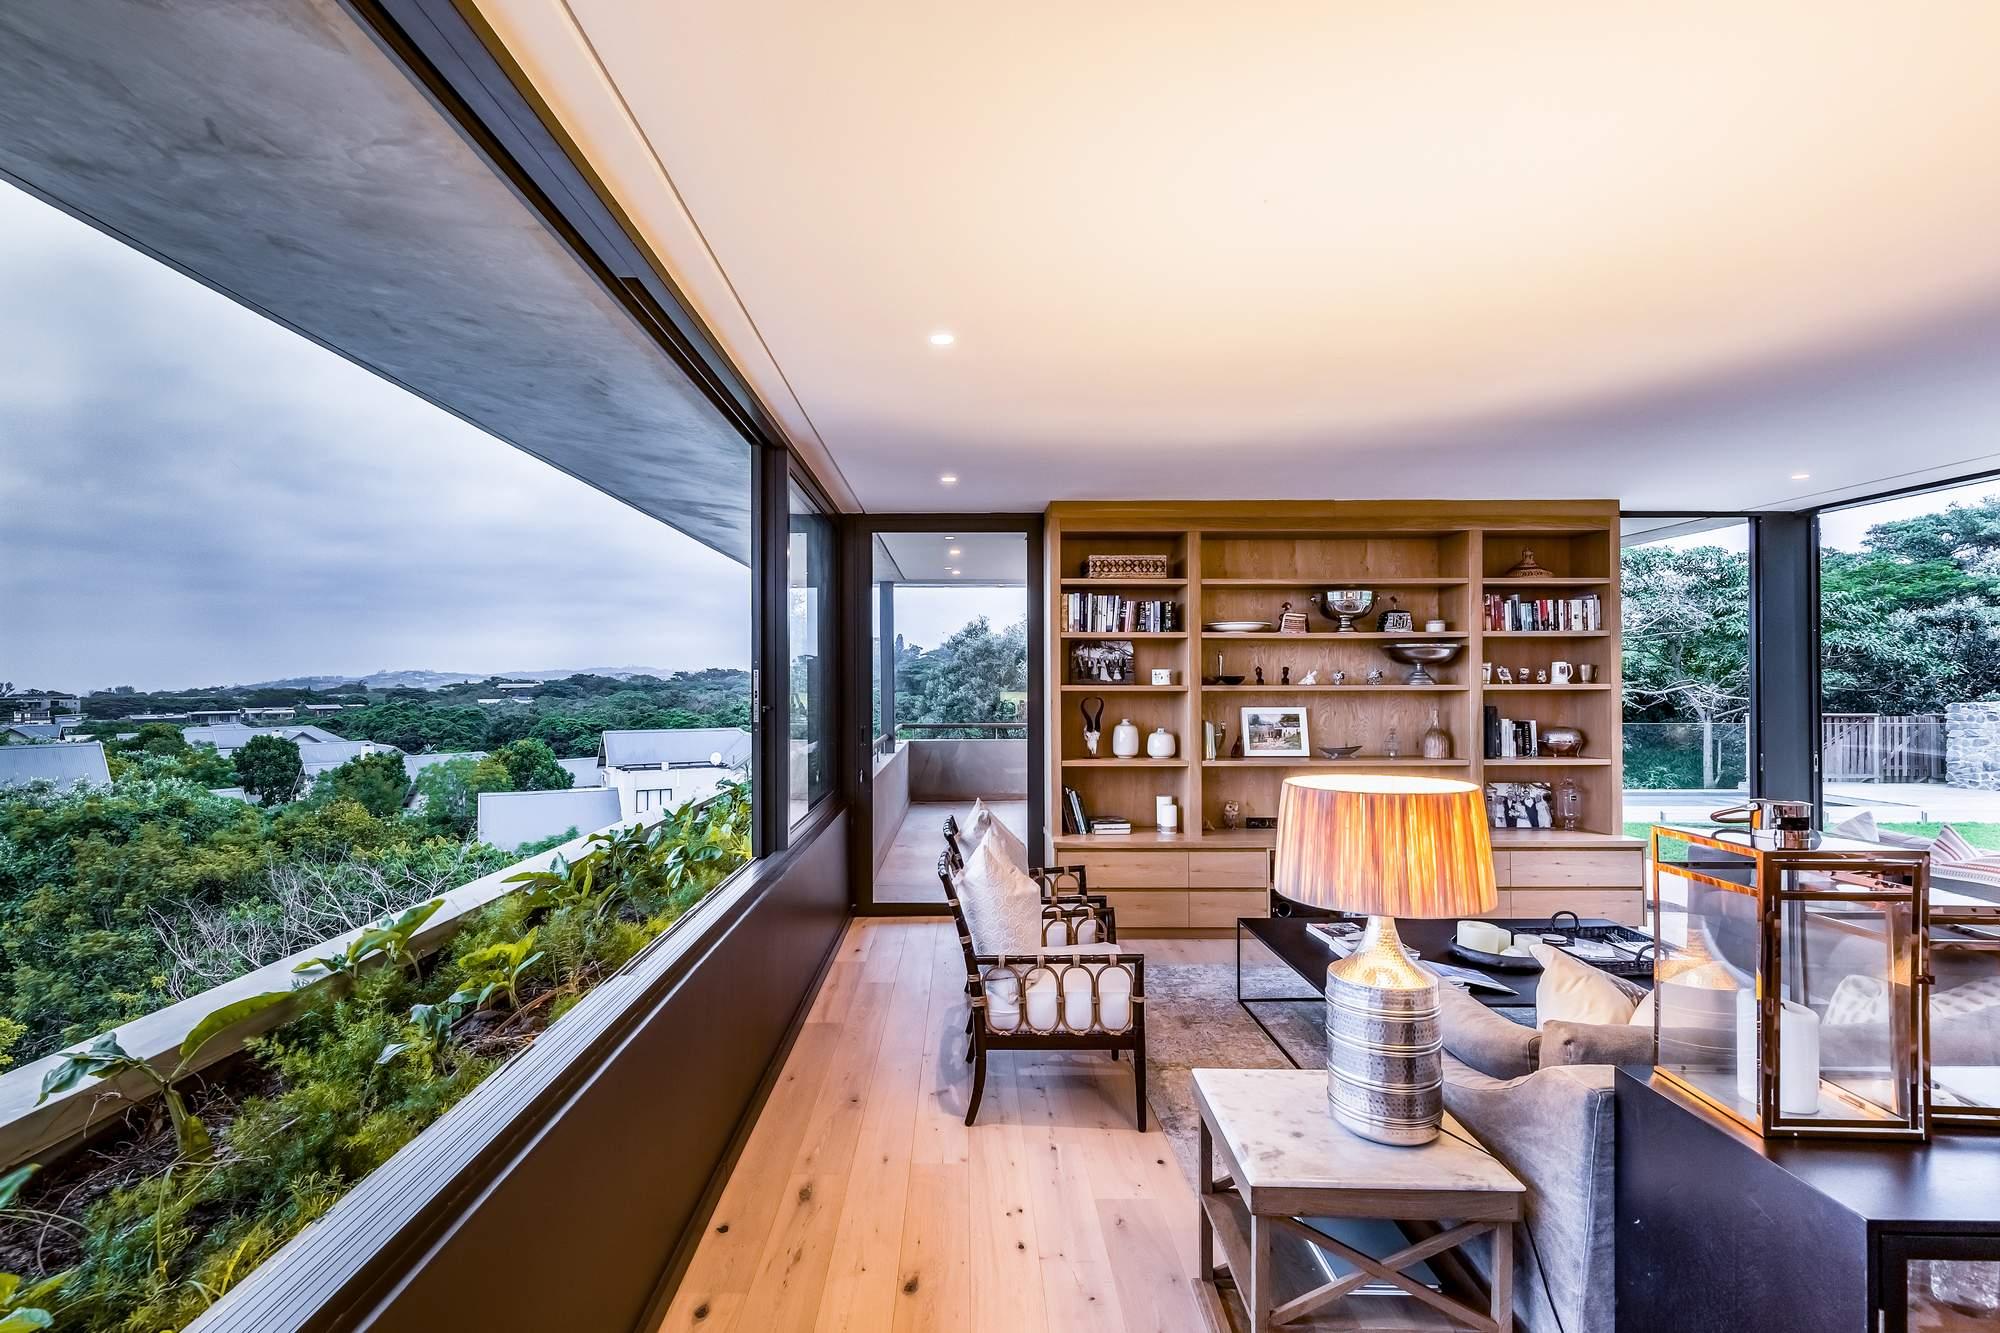 Дом, «плавающий над деревьями», Южно-Африканская Республика